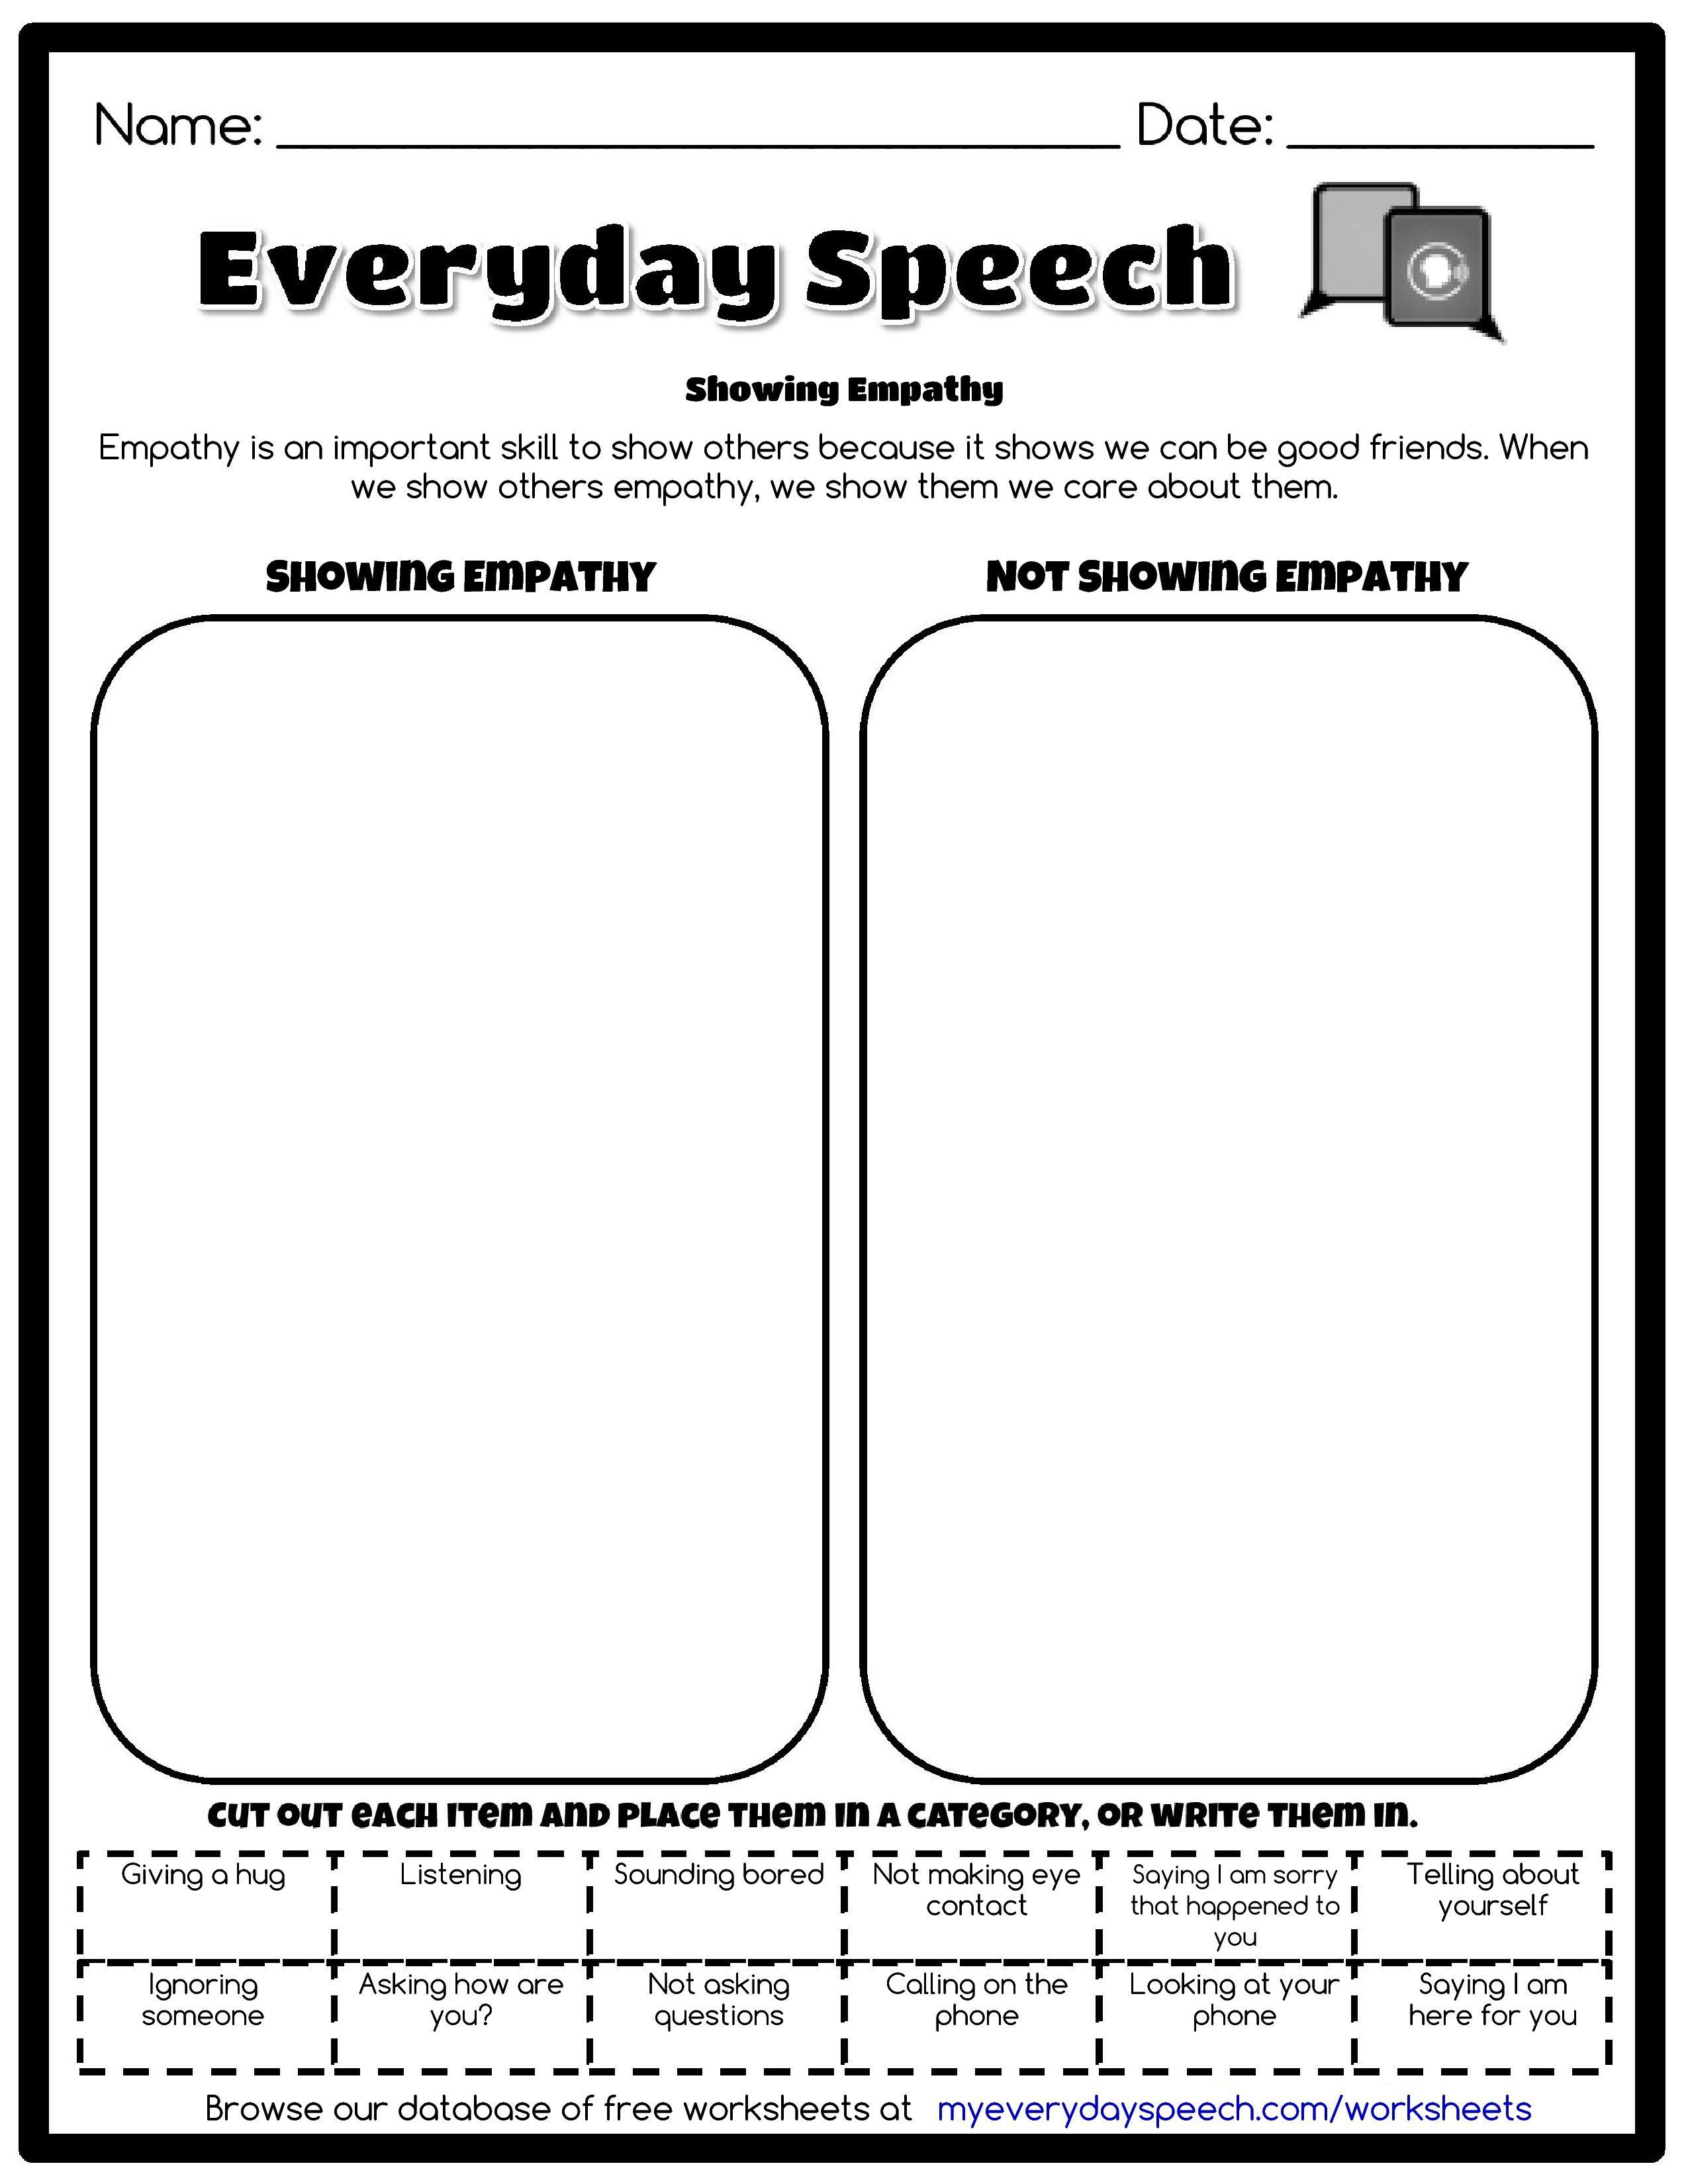 Everyday Speech Worksheet Creator Speech Therapy Worksheets Therapy Worksheets Social Skills [ 3300 x 2550 Pixel ]